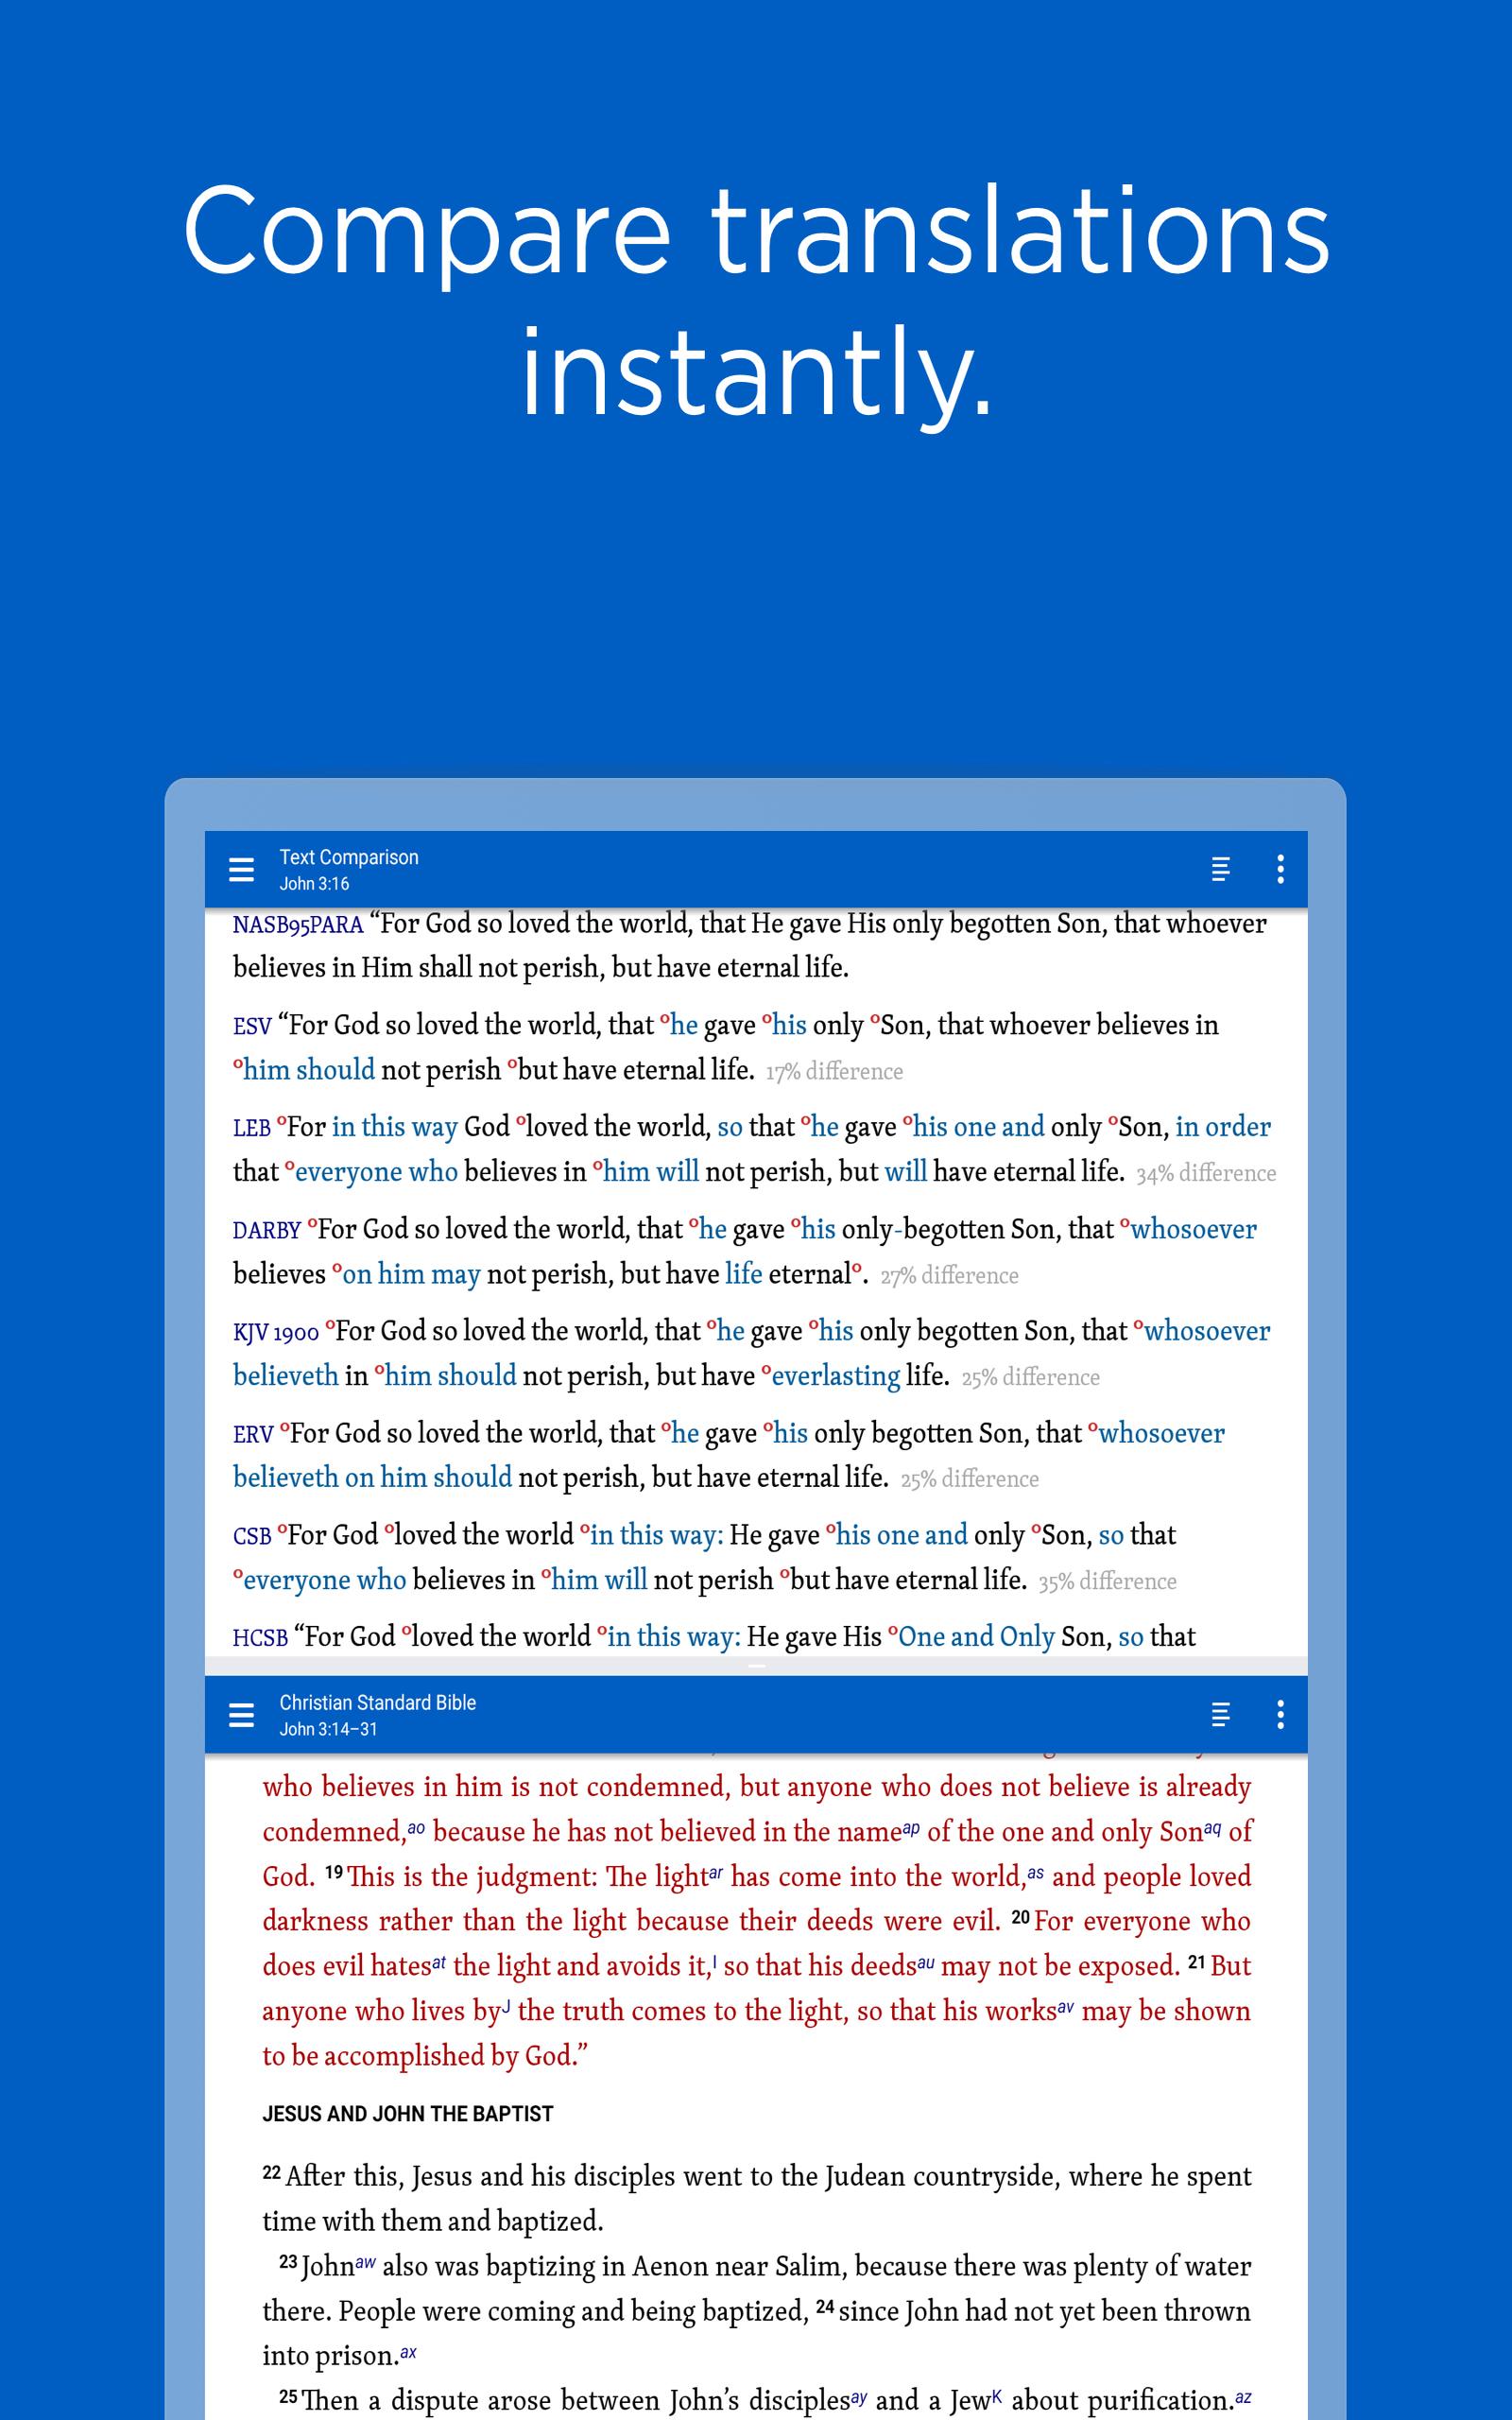 Biblia!: Amazon.es: Appstore para Android